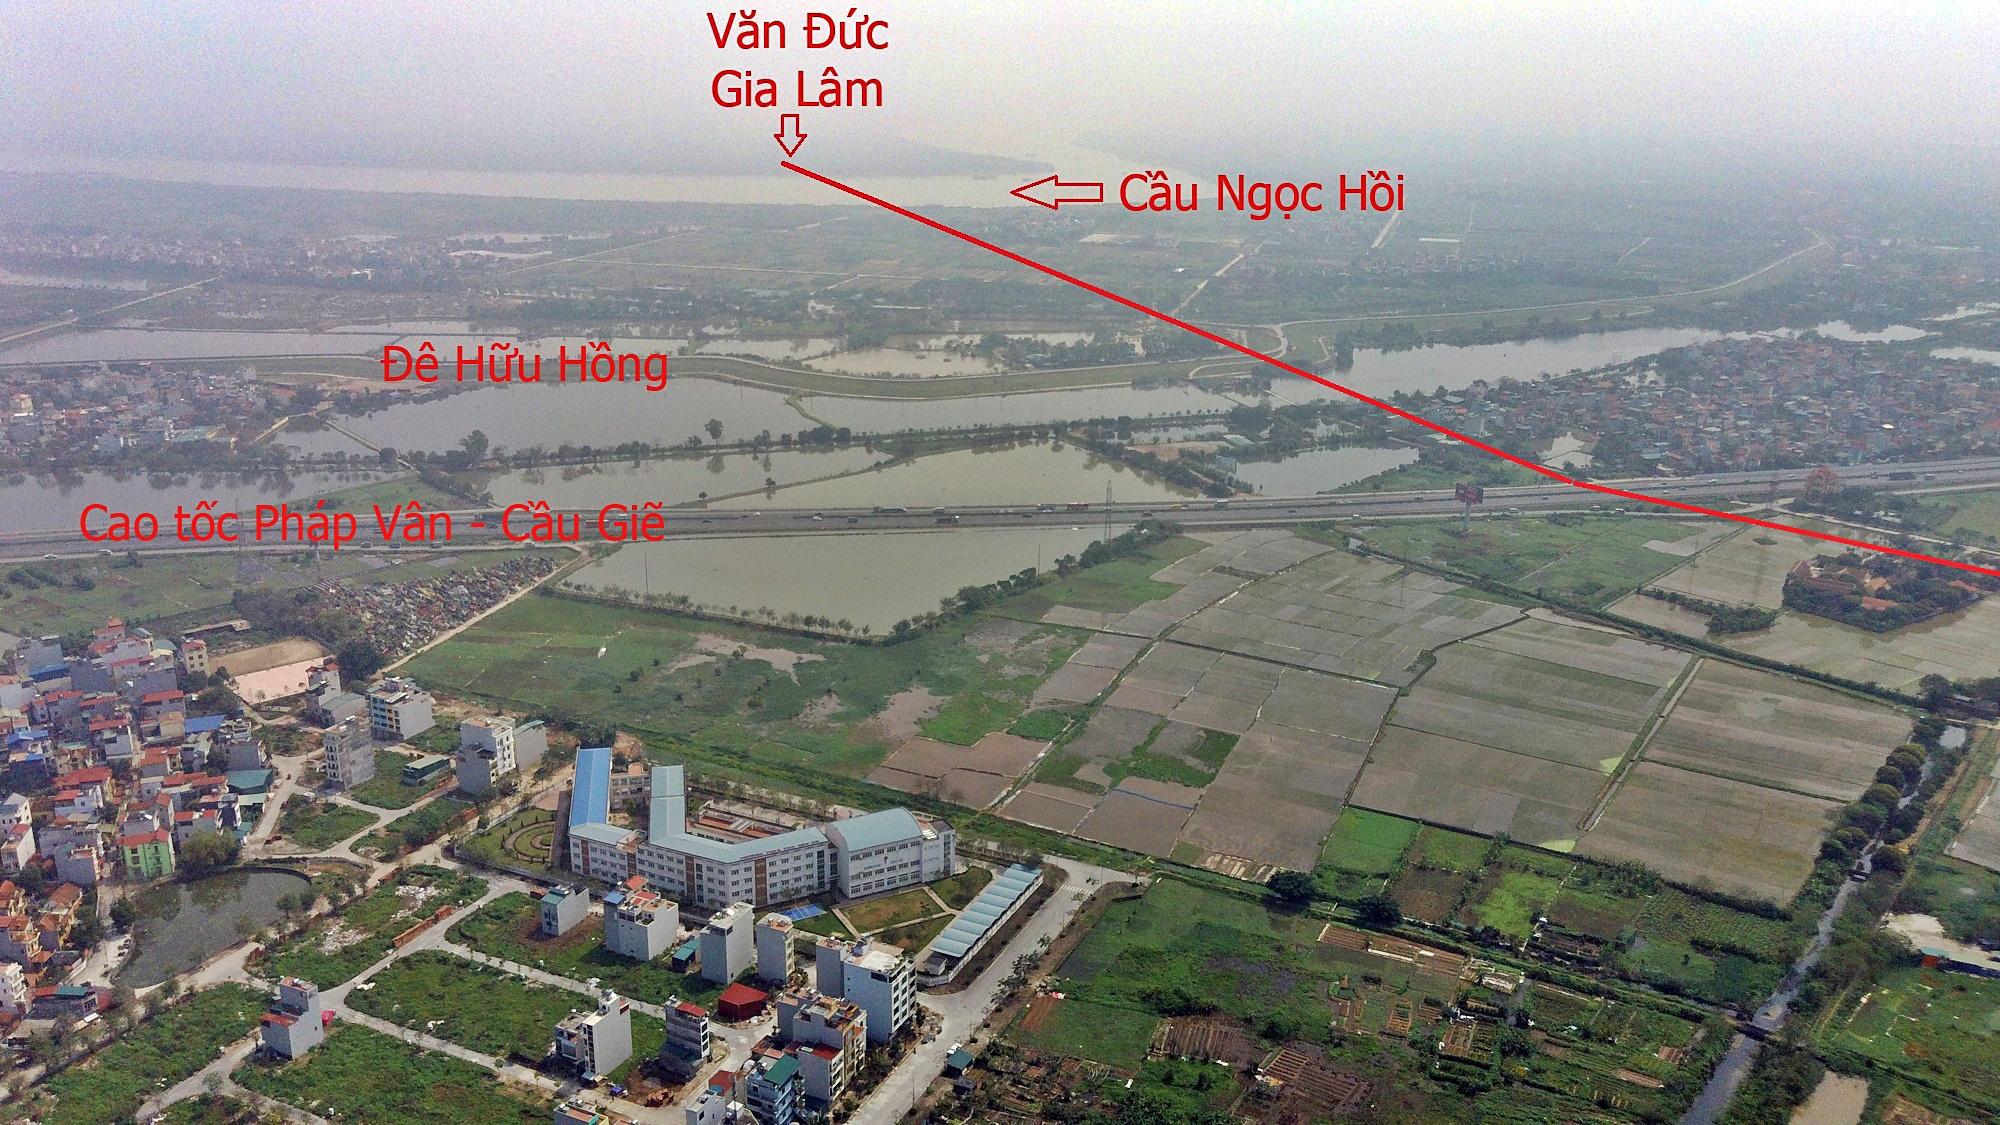 Cầu sẽ mở theo qui hoạch ở Hà Nội: Toàn cảnh cầu Ngọc Hồi nối Hà Nội với Hưng Yên - Ảnh 4.